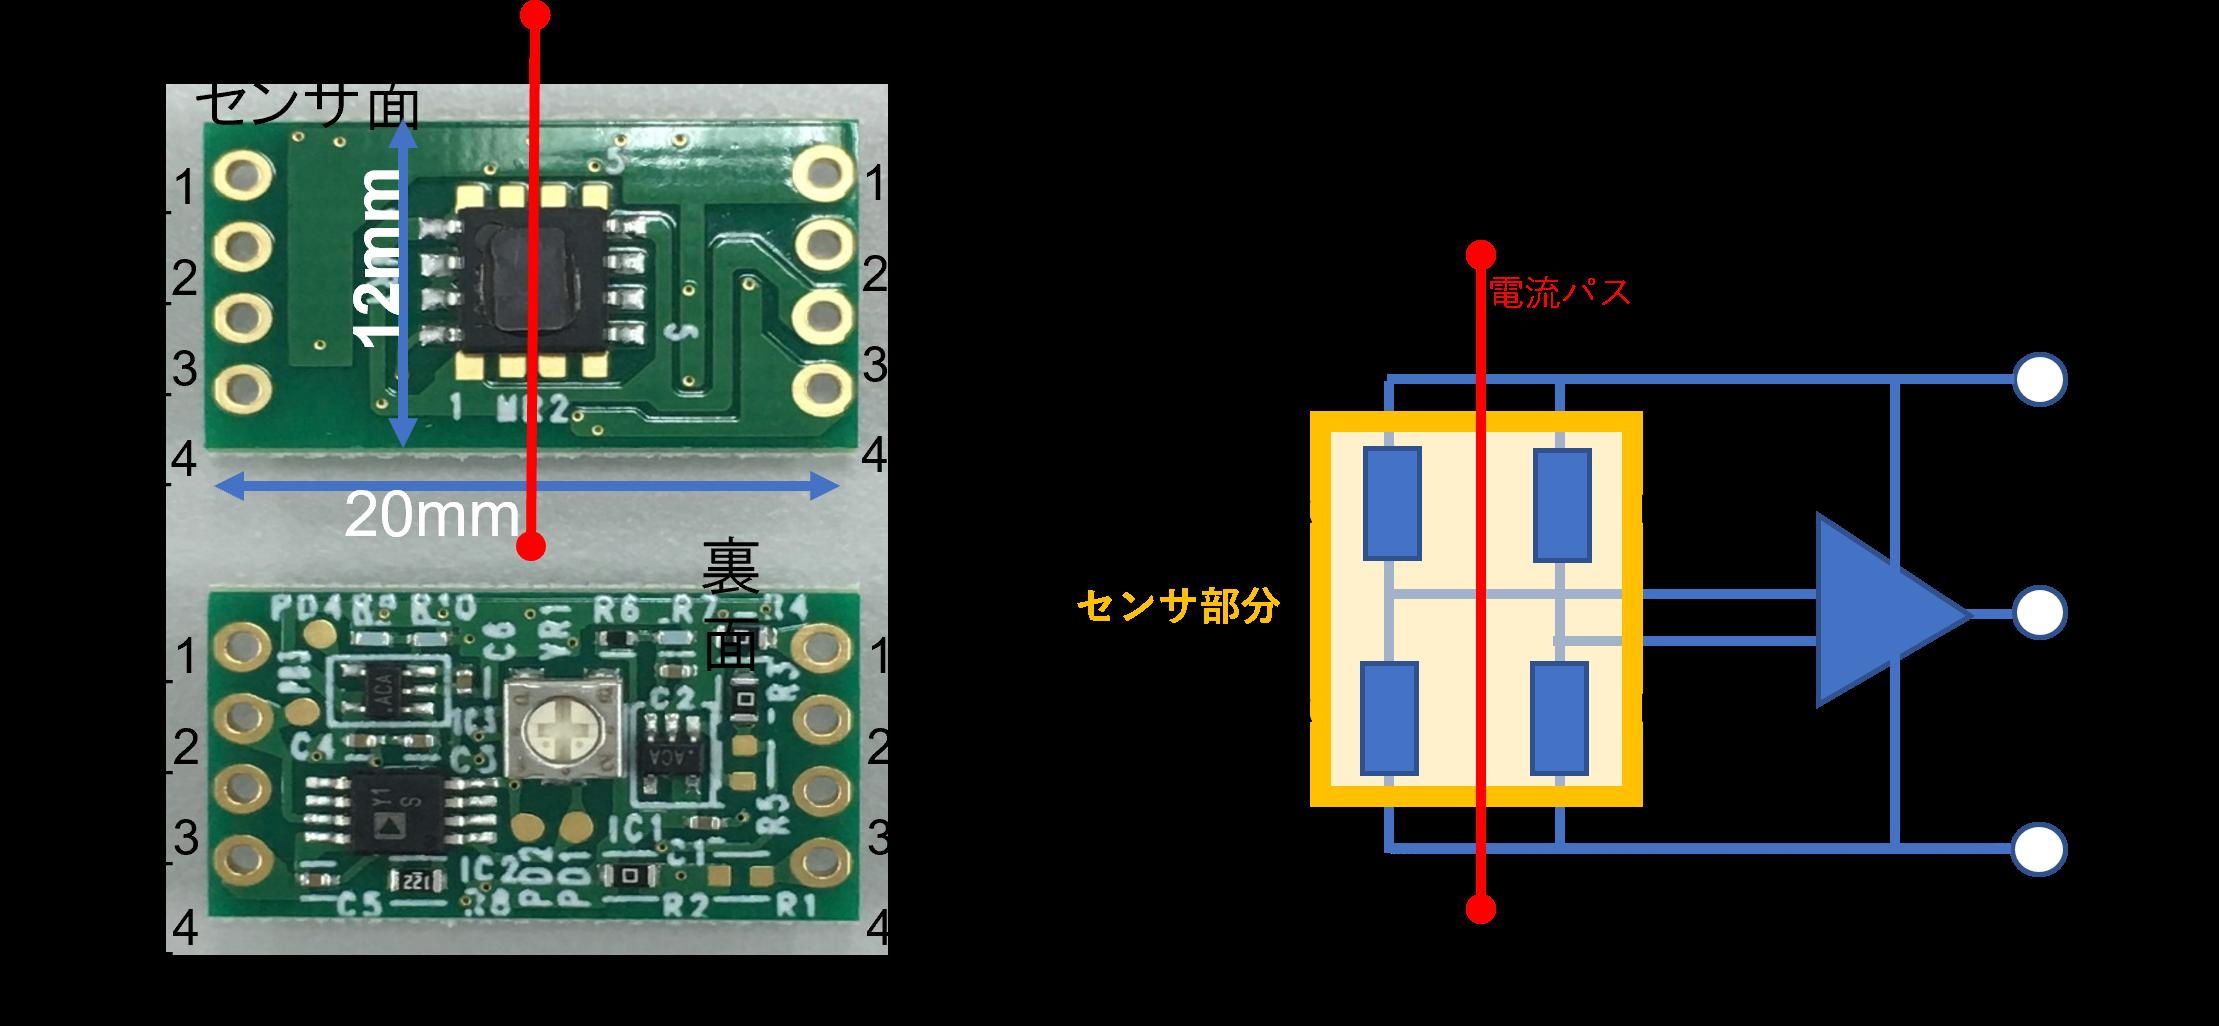 電流センサモジュール